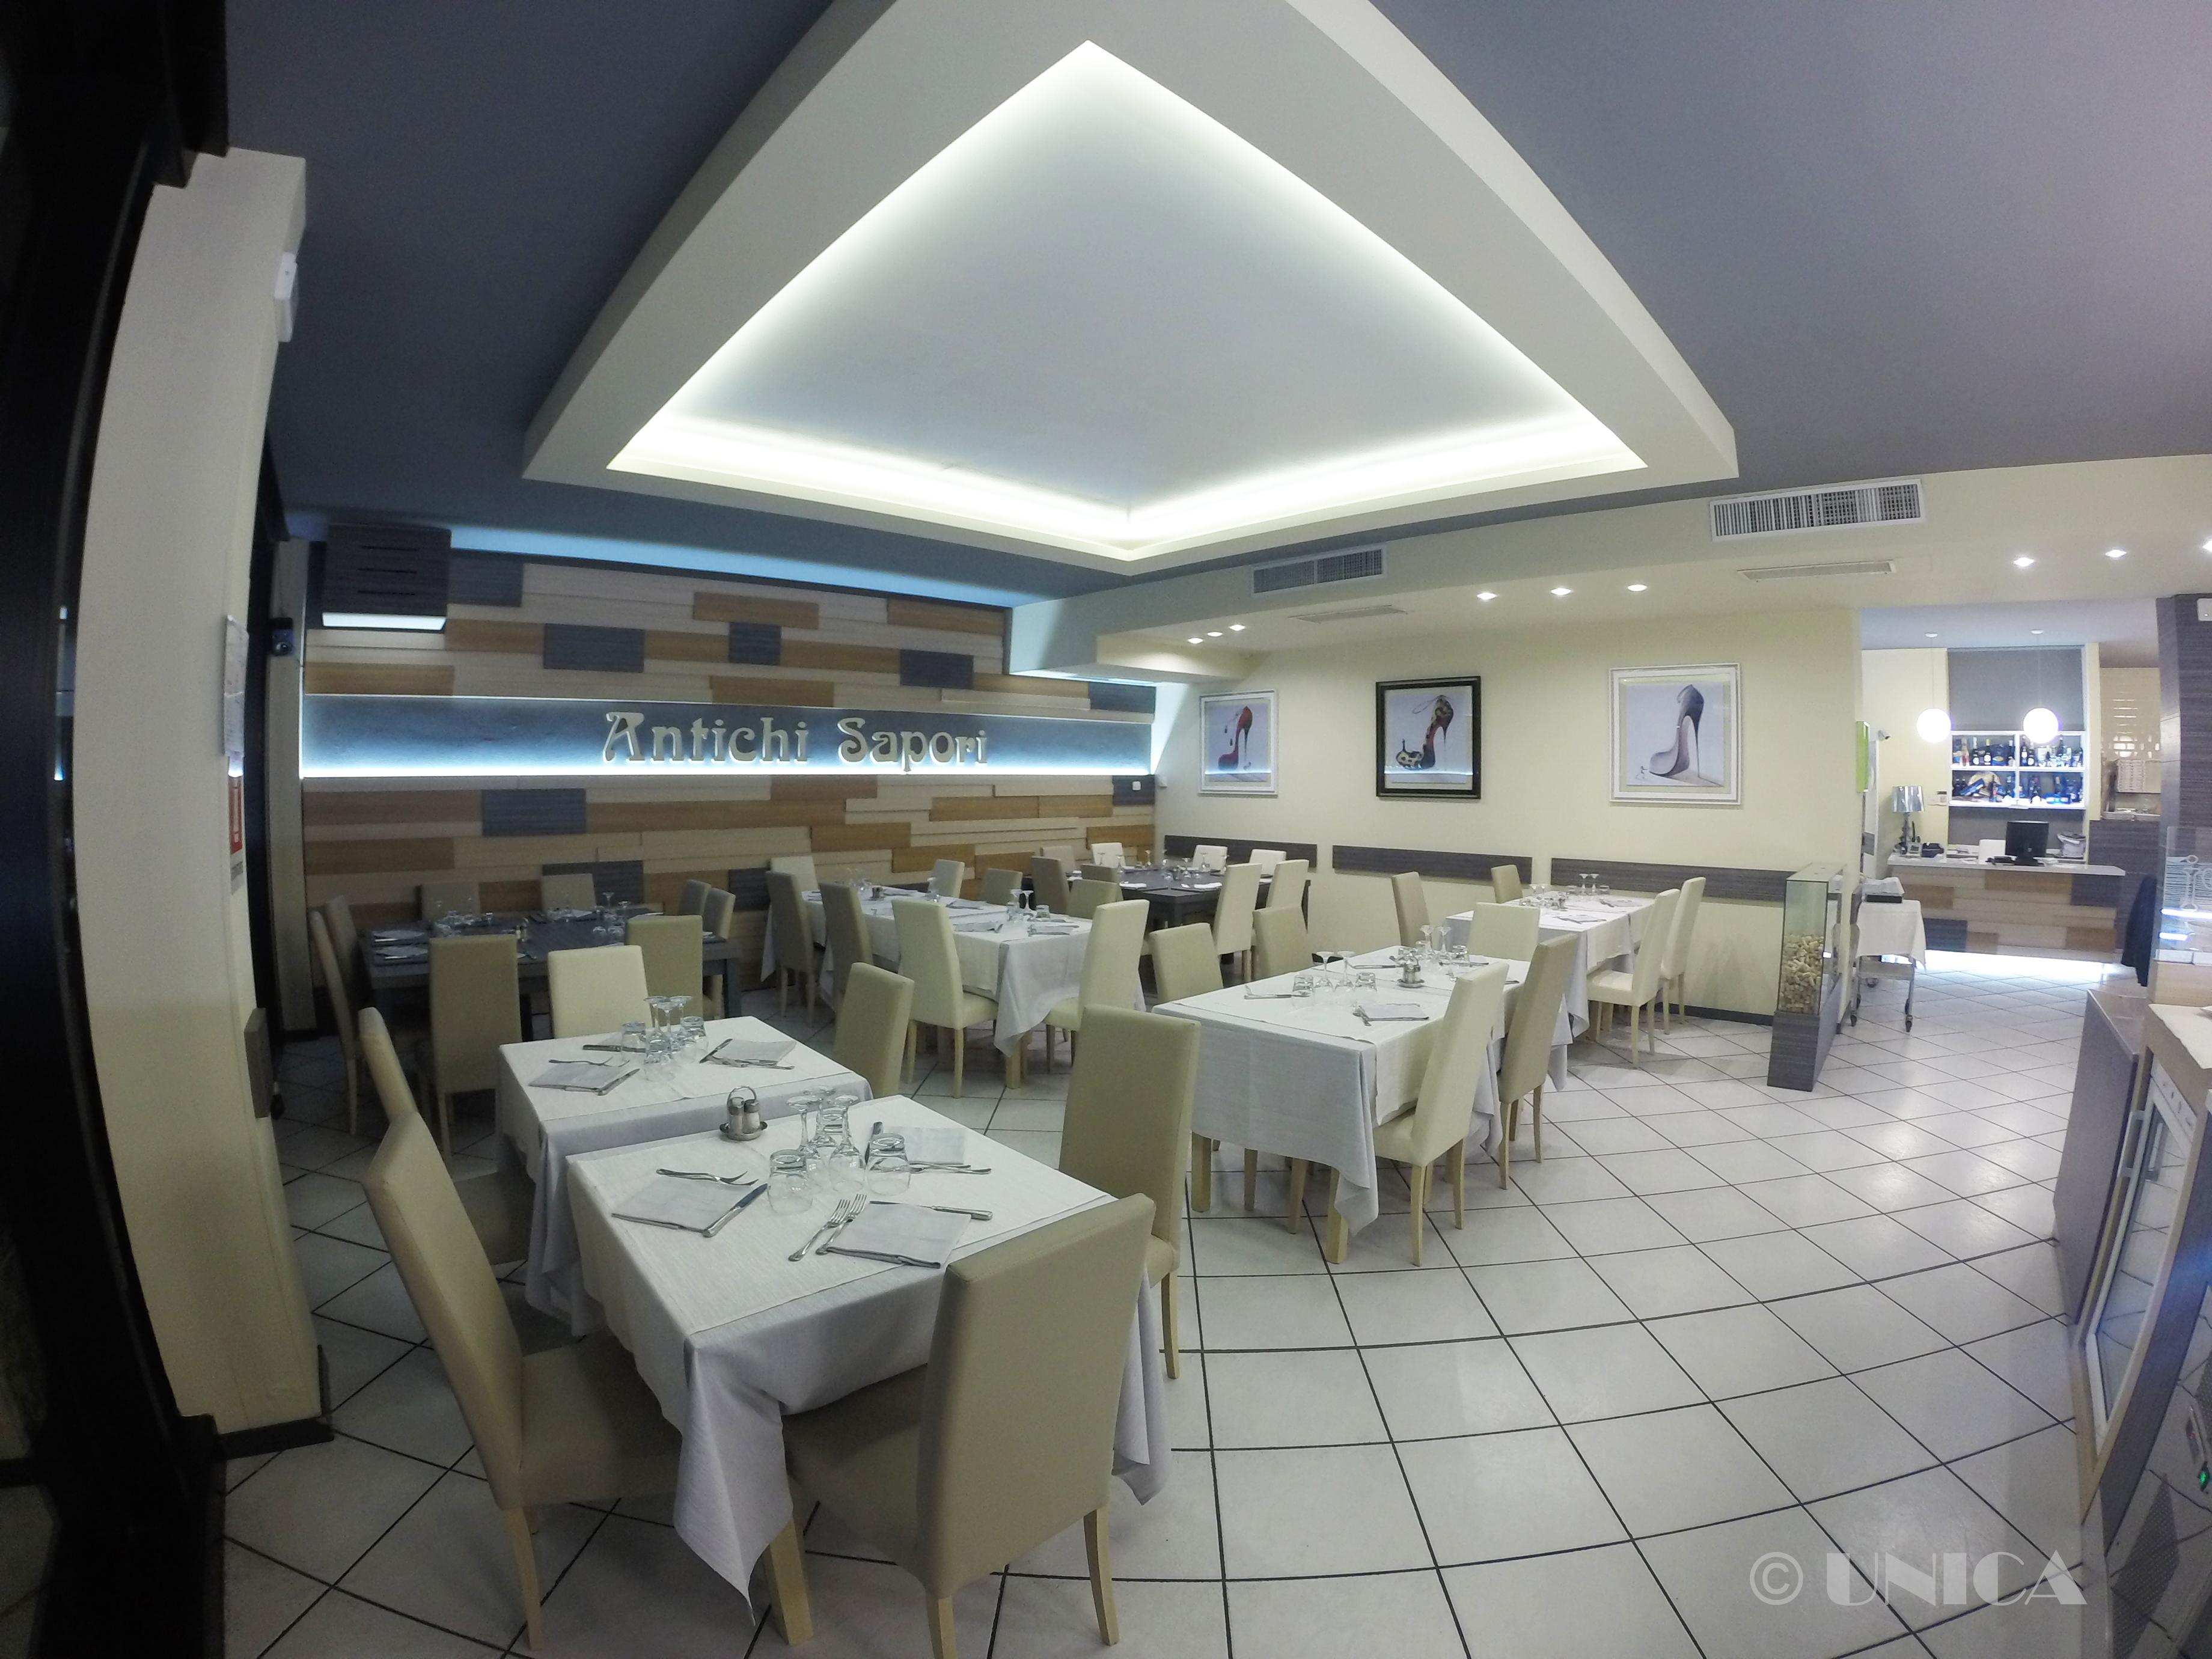 Arredamenti per ristoranti unica arredamenti milano for Arredamenti etnici milano